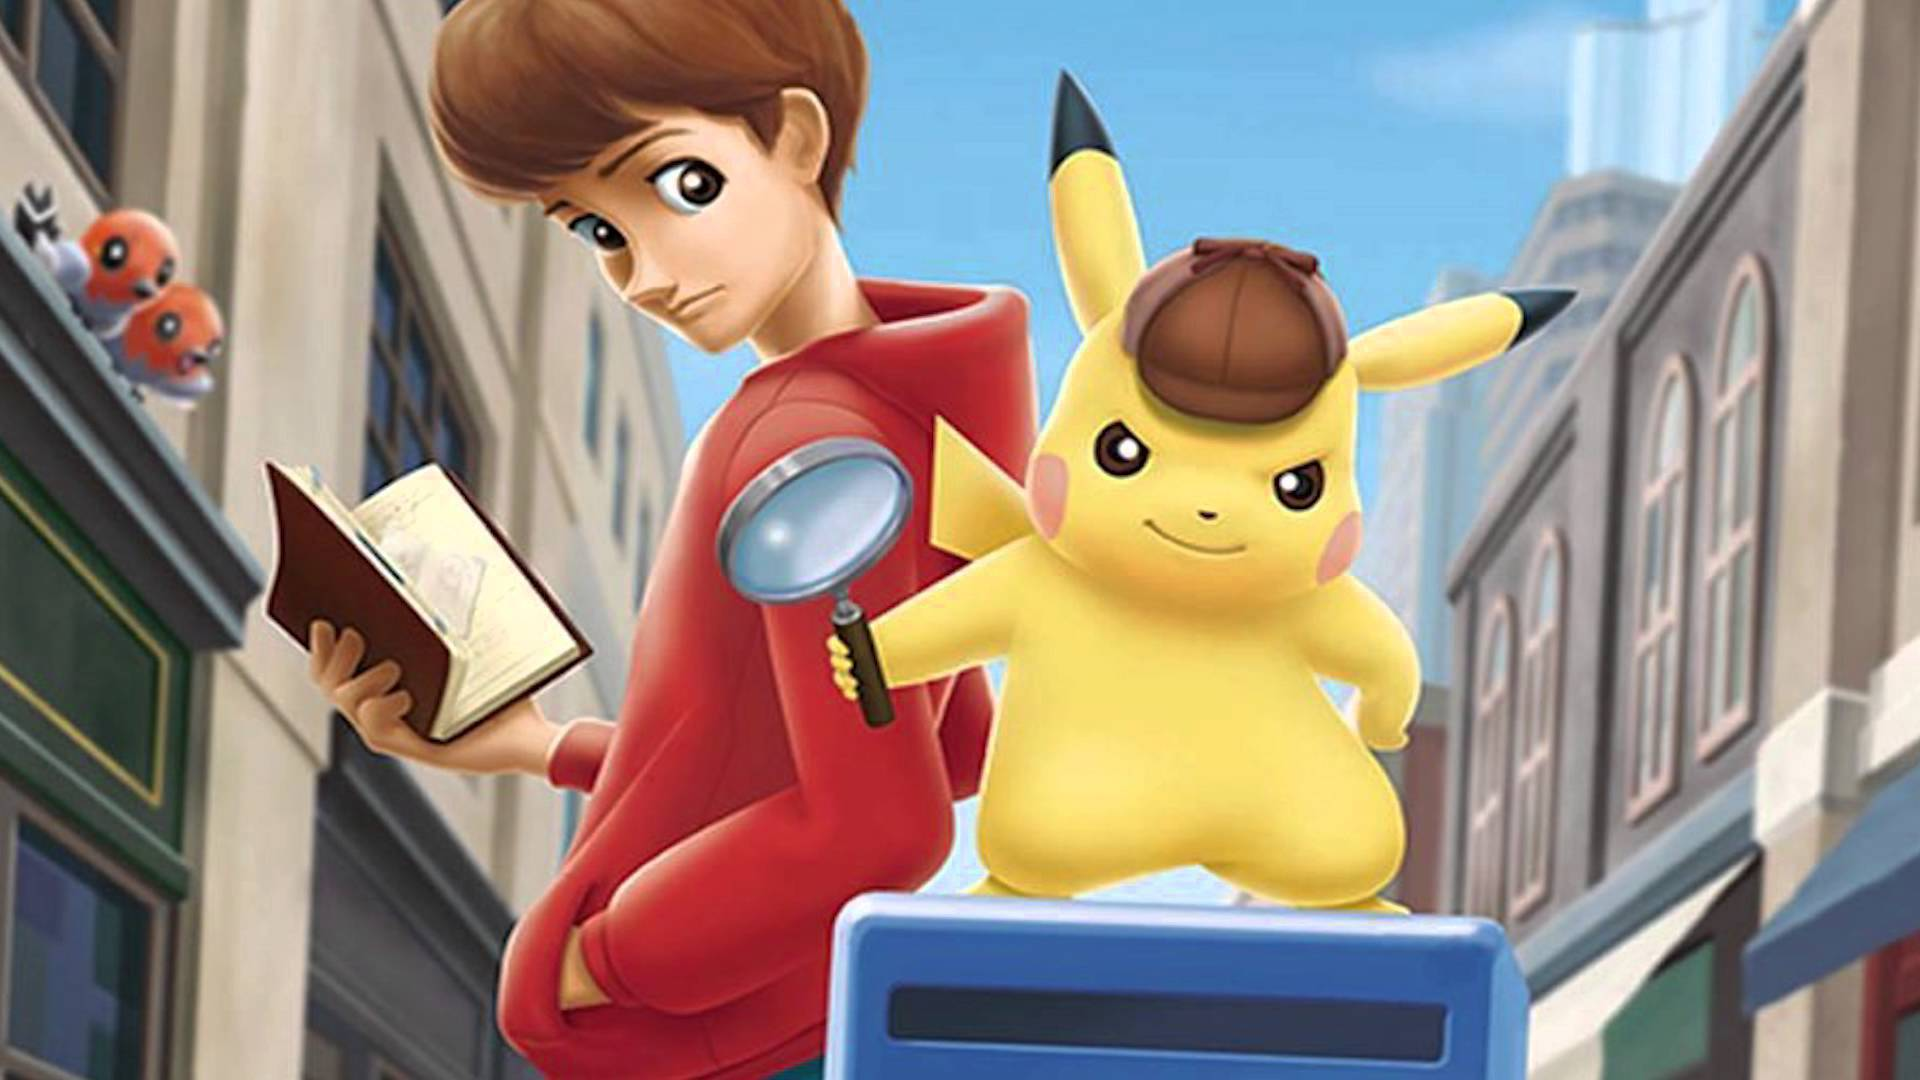 Ryan Reynolds se convertirá en un Pokémon en su próxima película